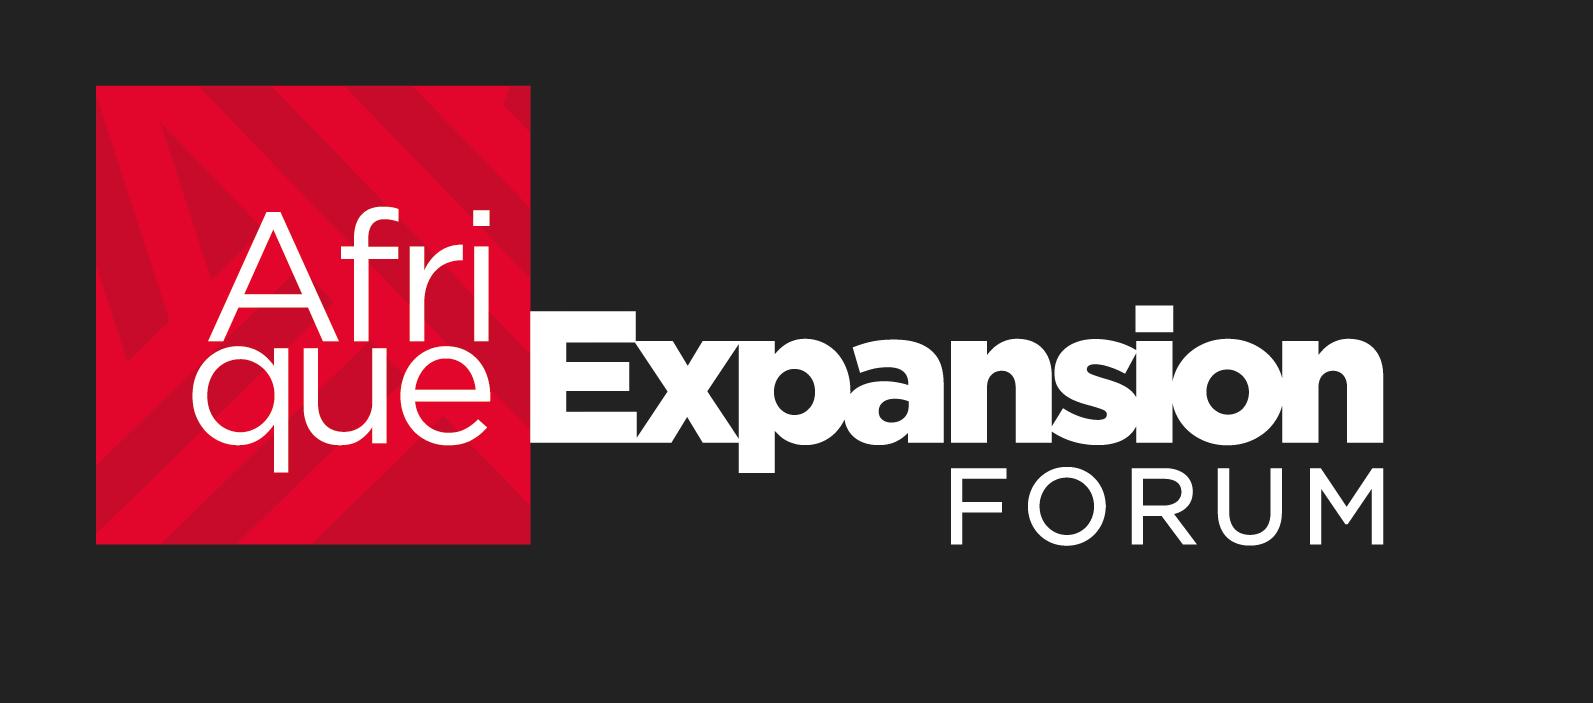 Forum Afrique Expansion